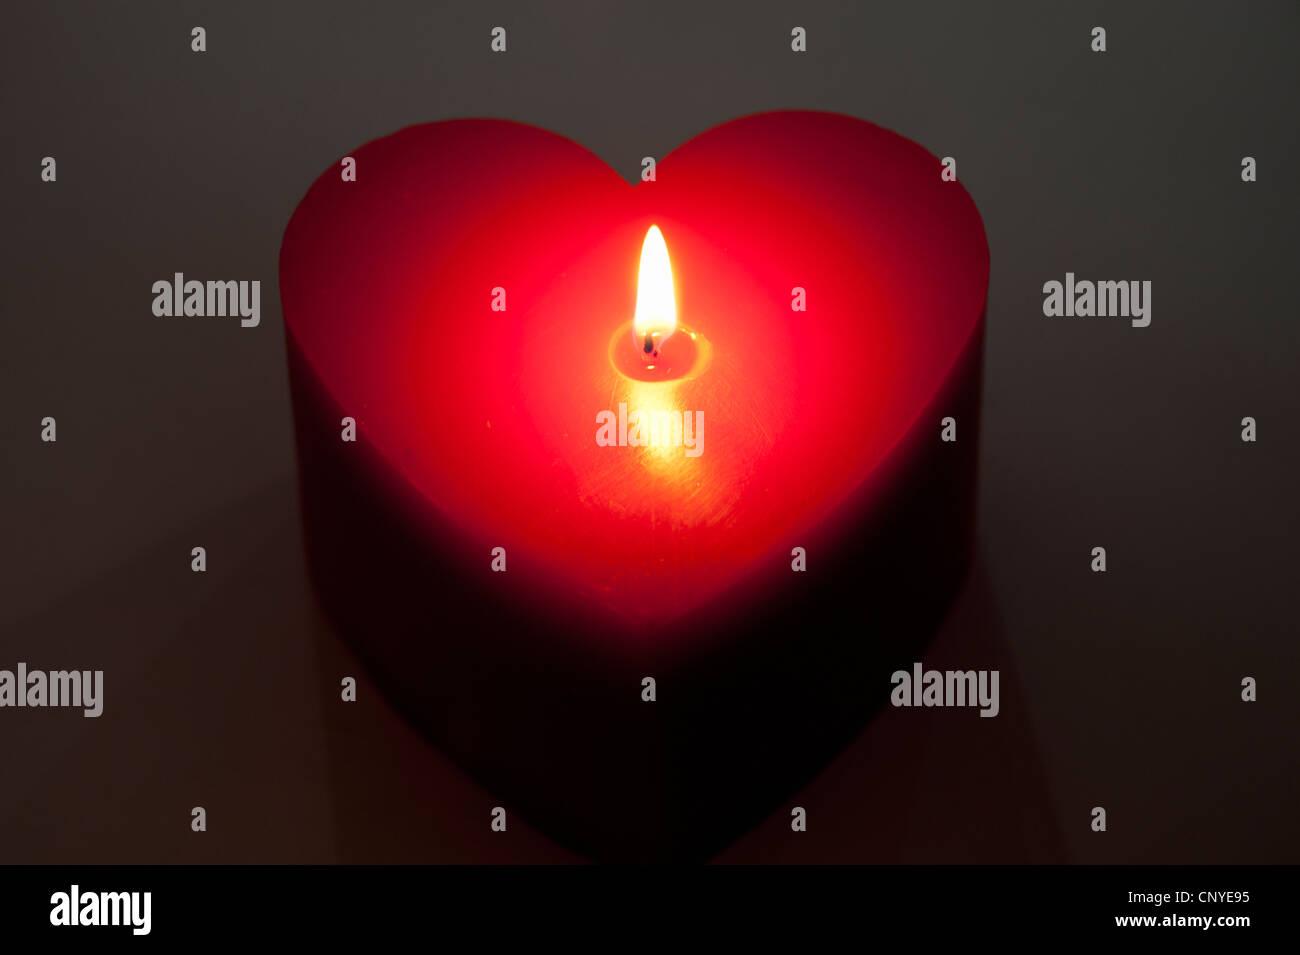 Ein rotes Herz geformt, Kerzenschein Stockbild